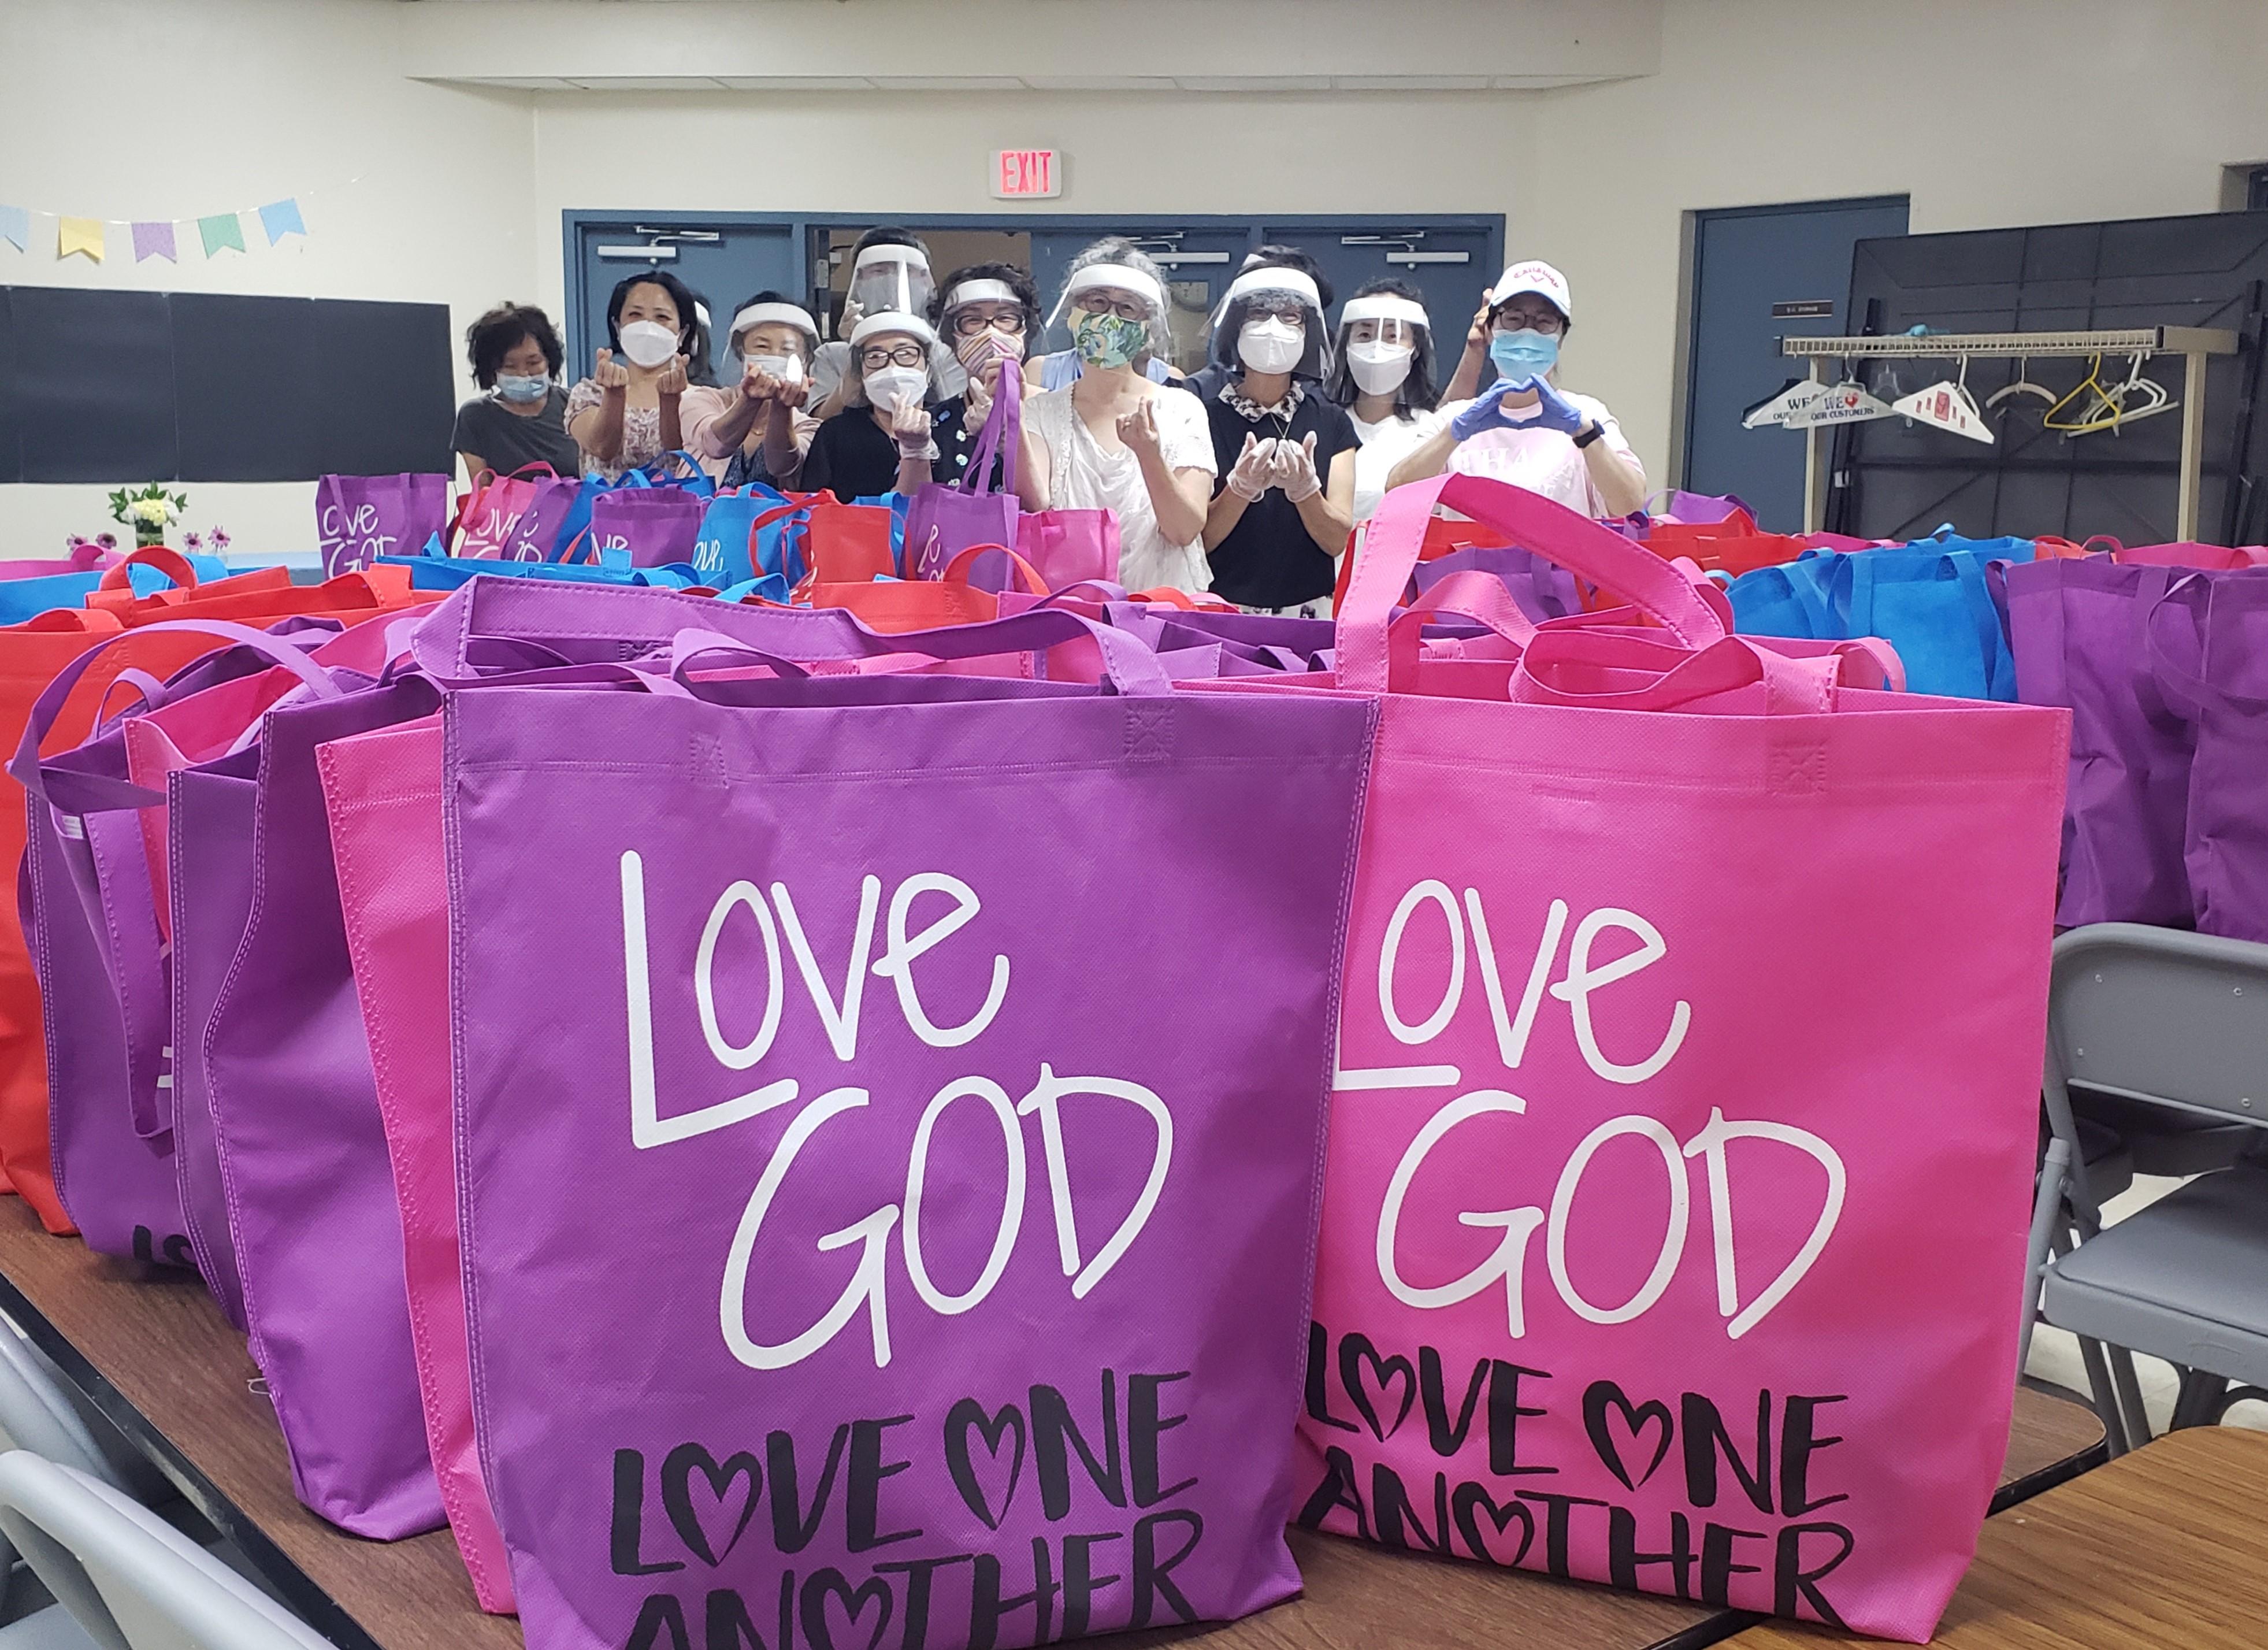 """미드허드슨한인연합감리교회(담임 이용연 목사)는 코로나19로 어려운 이웃들에게 보낼 구호 물품을 담은 """"사랑의 돌봄 가방 만들기 프로젝트""""를 진행하고 있다. 사진 제공, 권오연 전도사."""